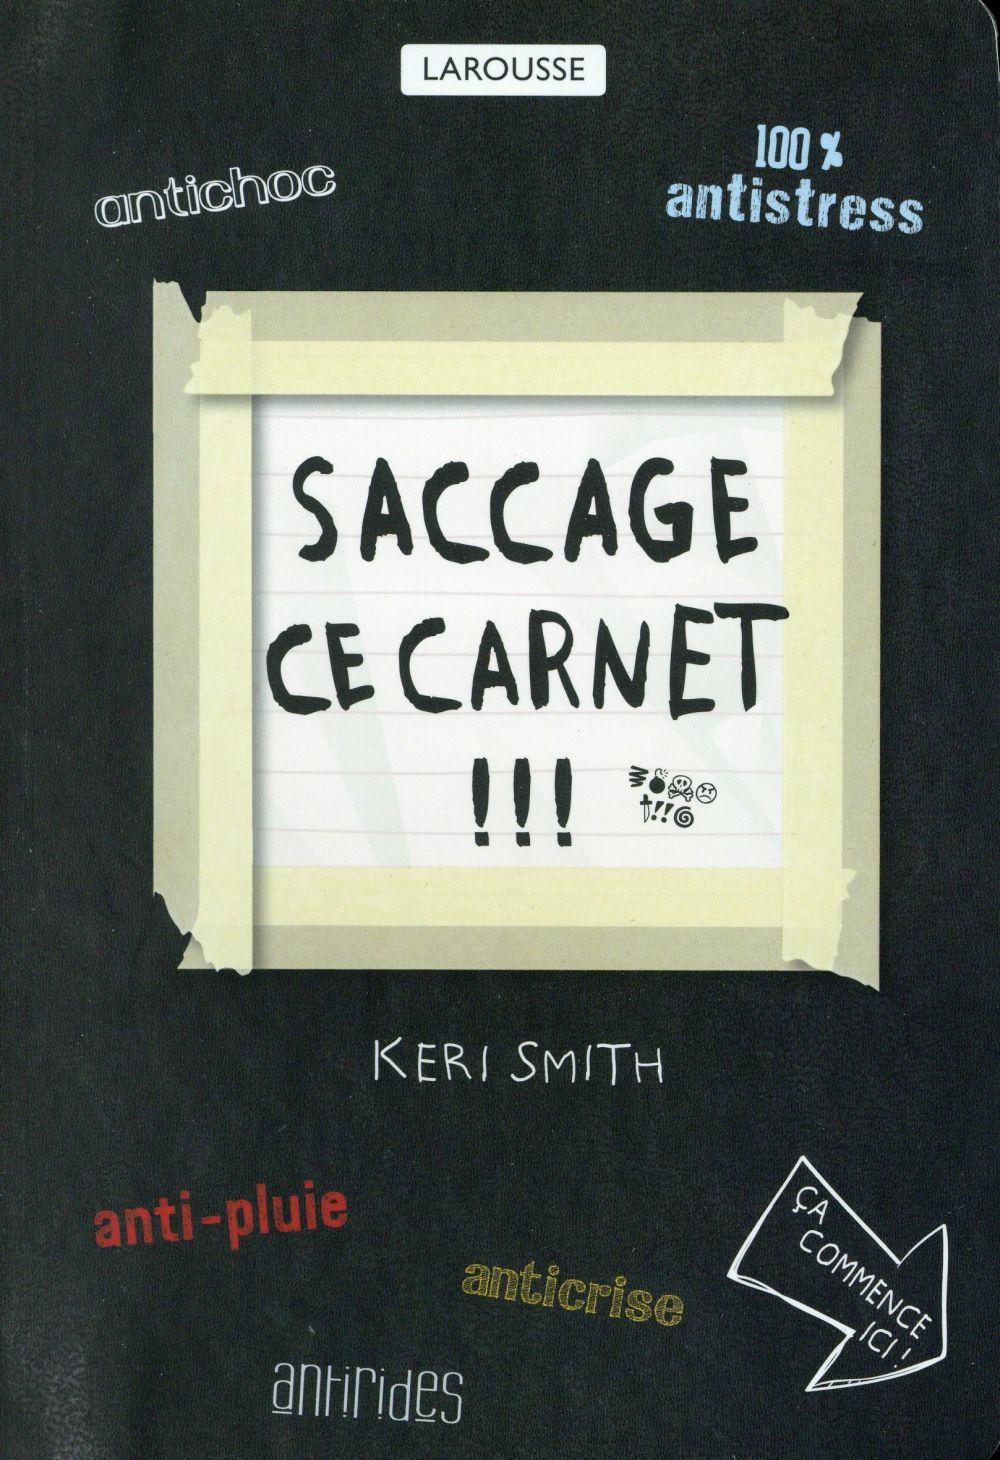 Smith Keri - SACCAGE CE CARNET !!!